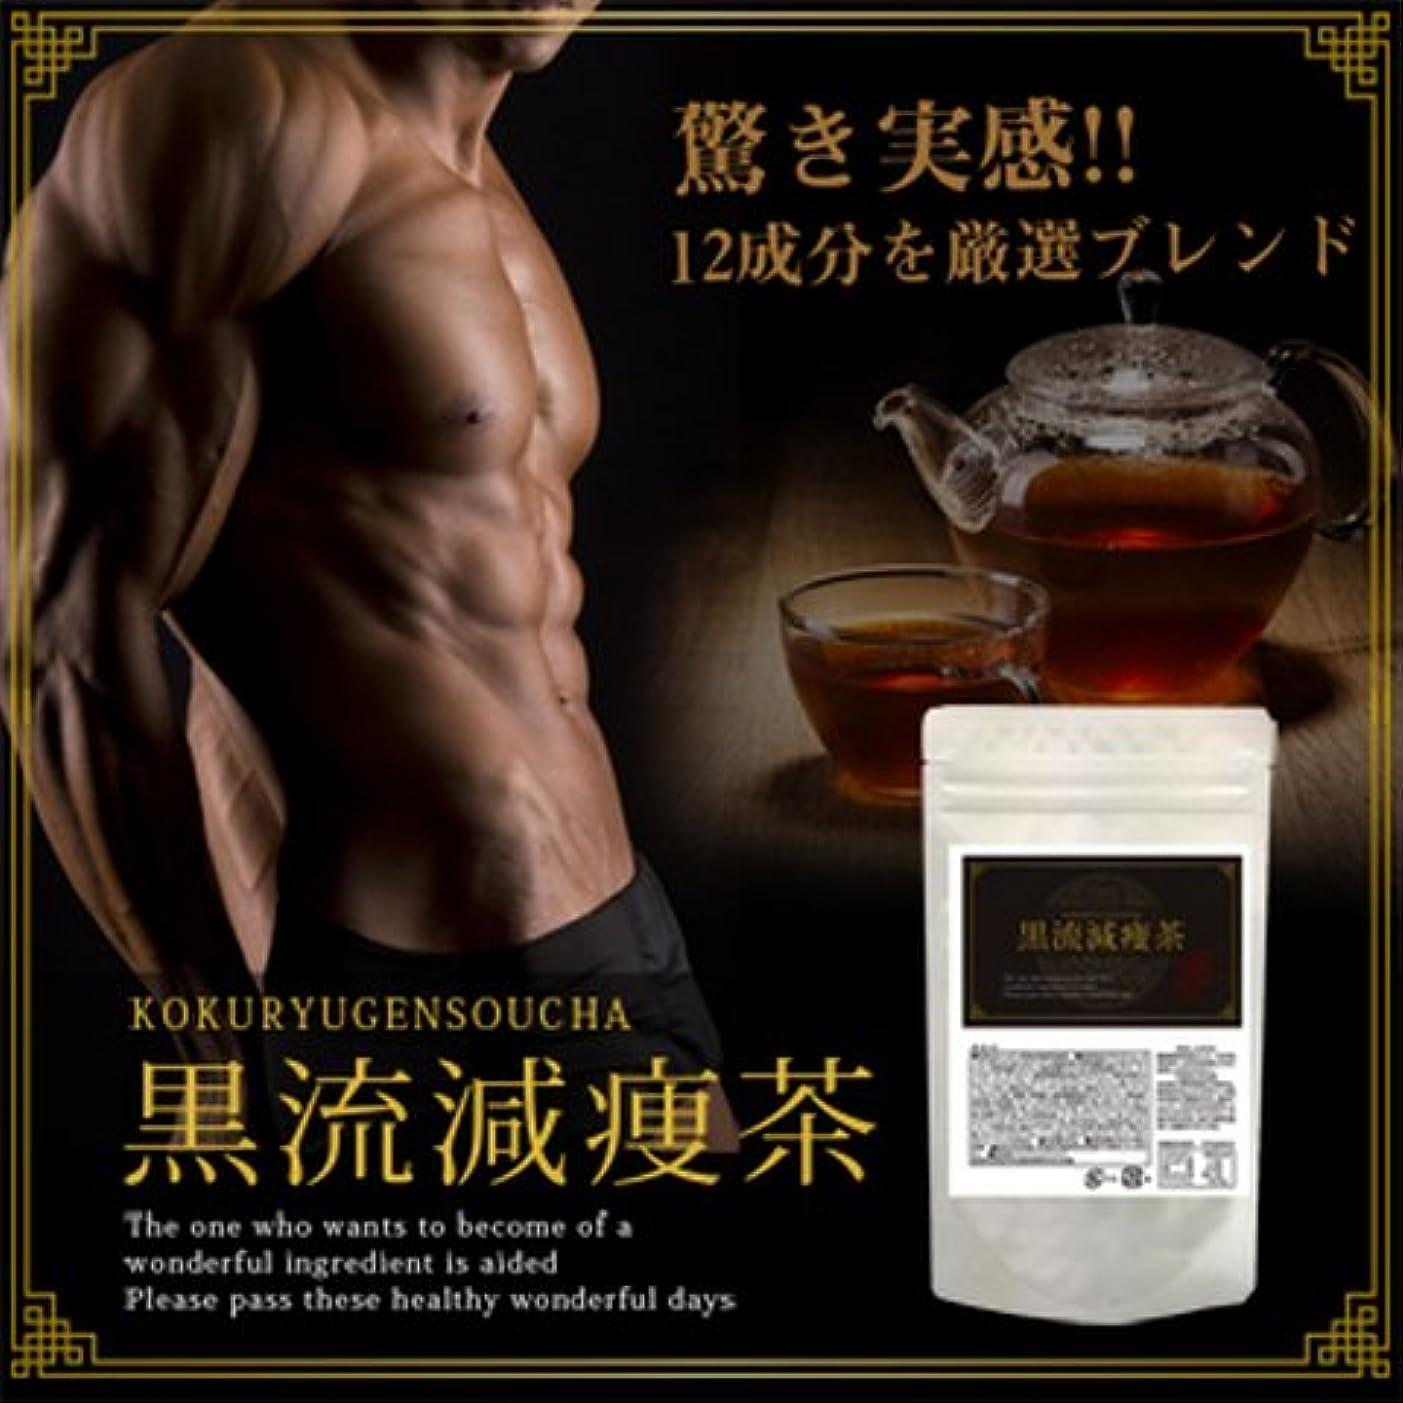 命題マンモス抑圧する黒流減痩茶 (黄金茶葉厳選12種配合ダイエット茶)